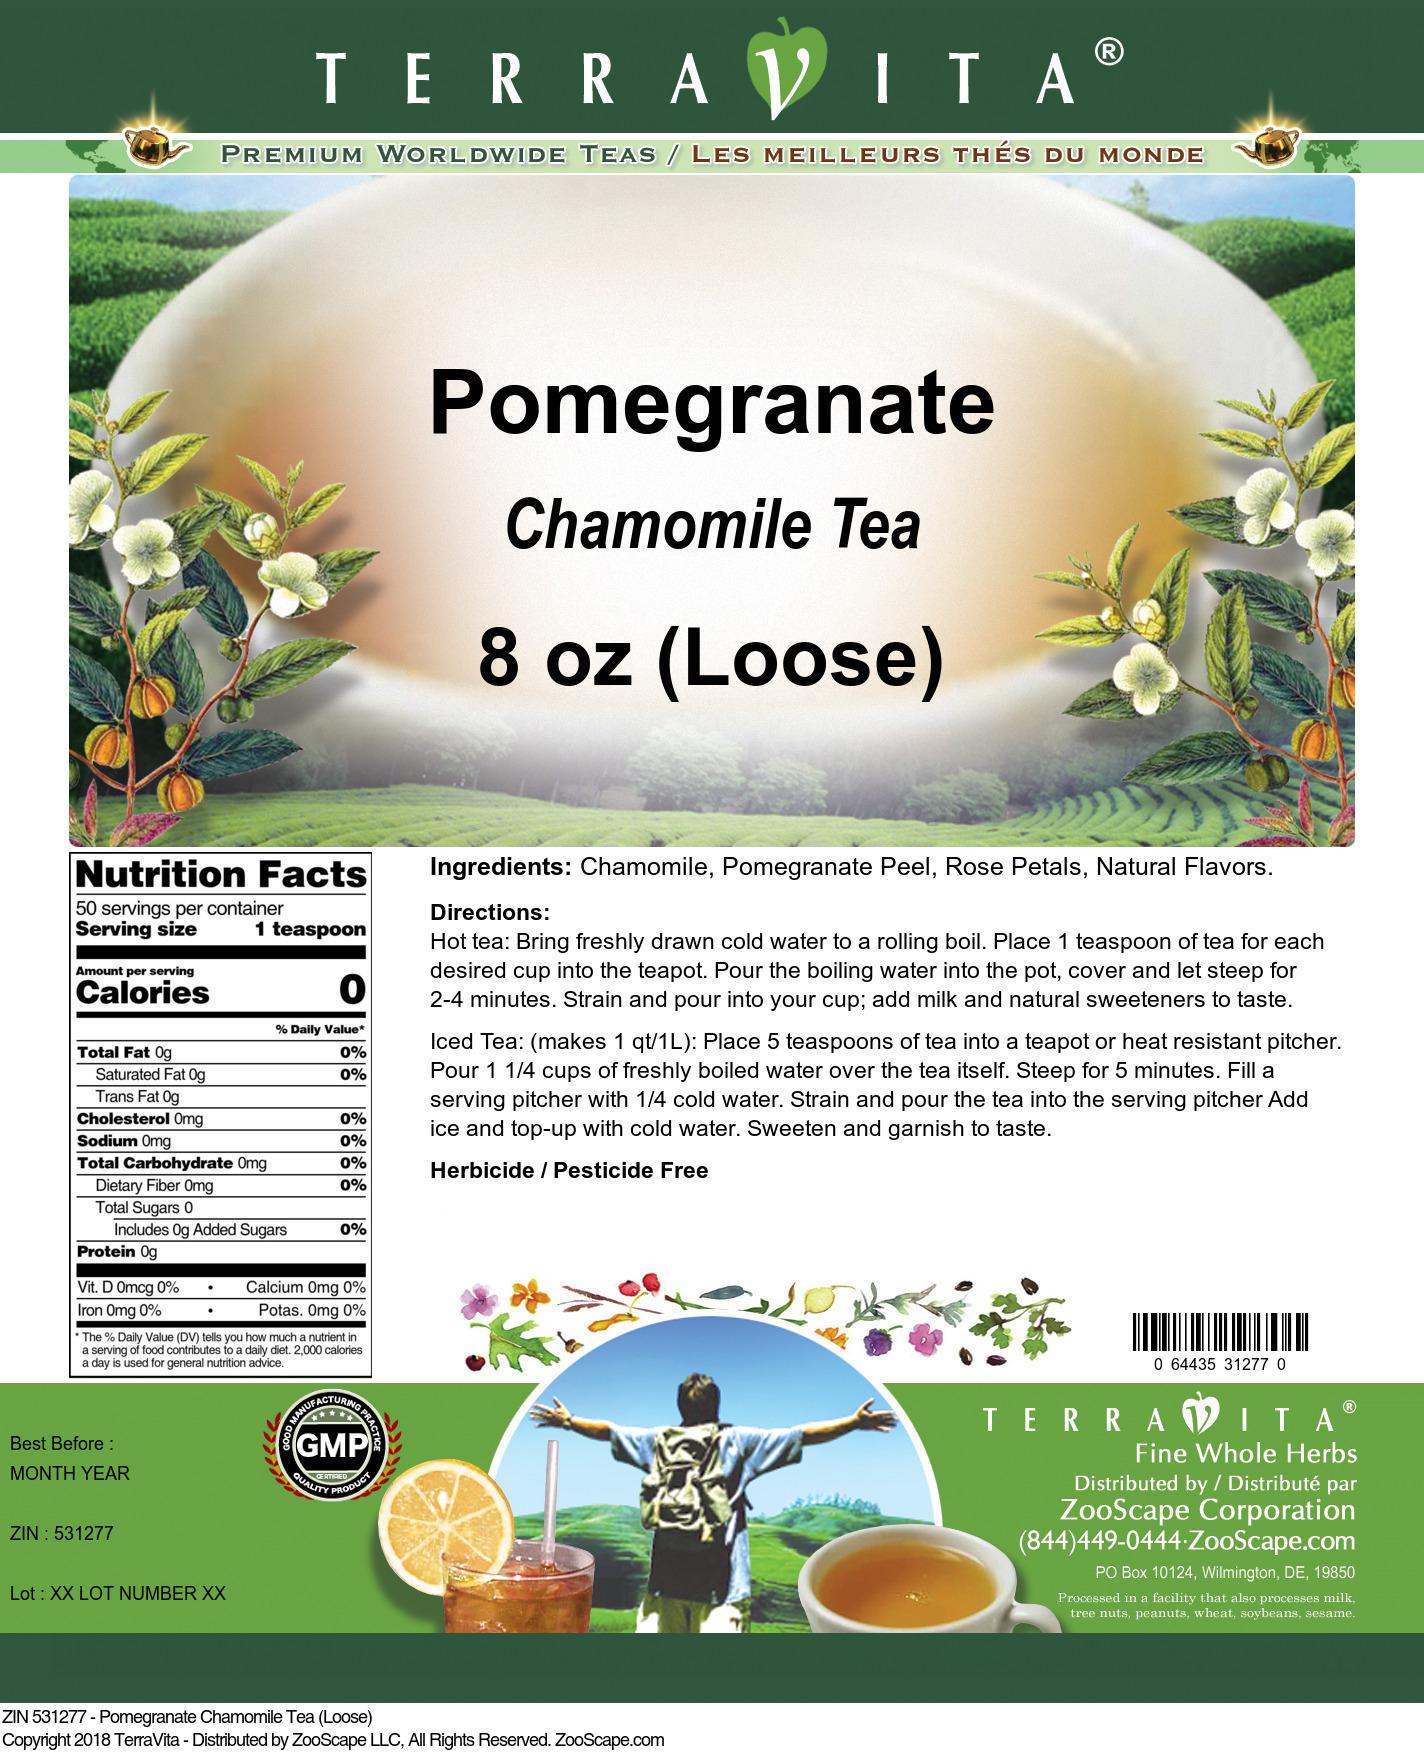 Pomegranate Chamomile Tea (Loose)